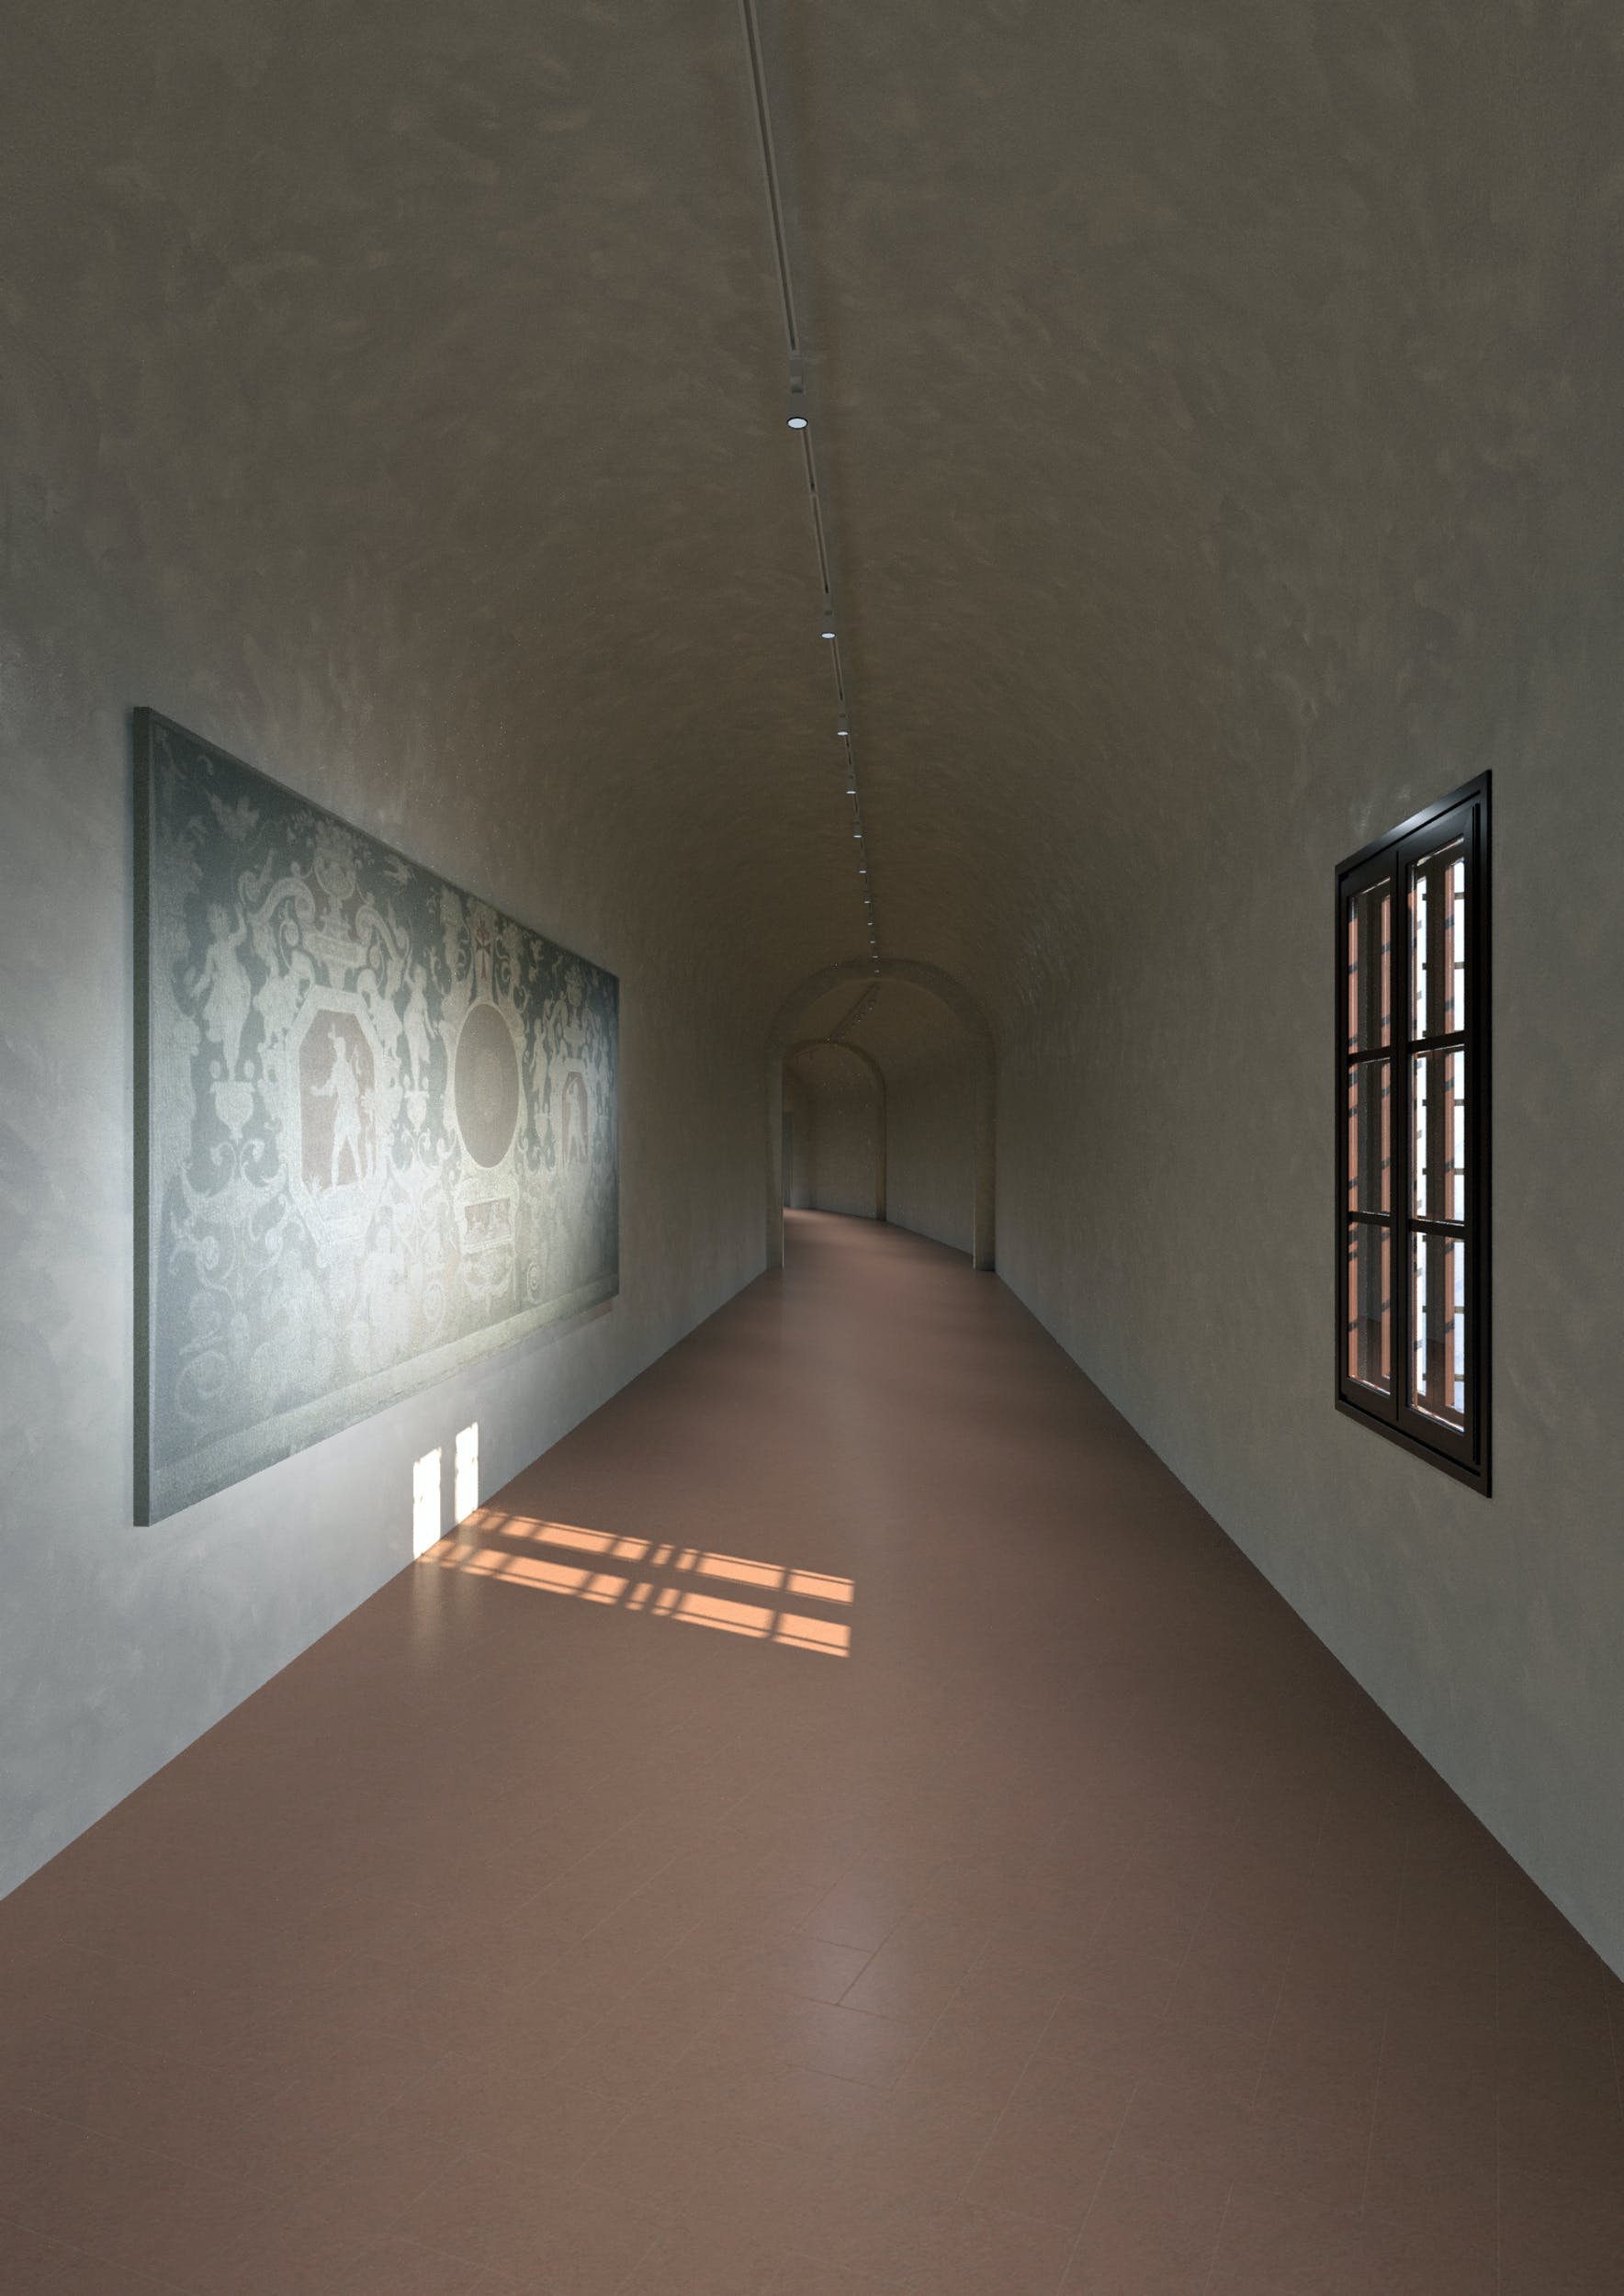 Corridoio Vasariano, rendering allestimento affreschi staccati del Cinquecento